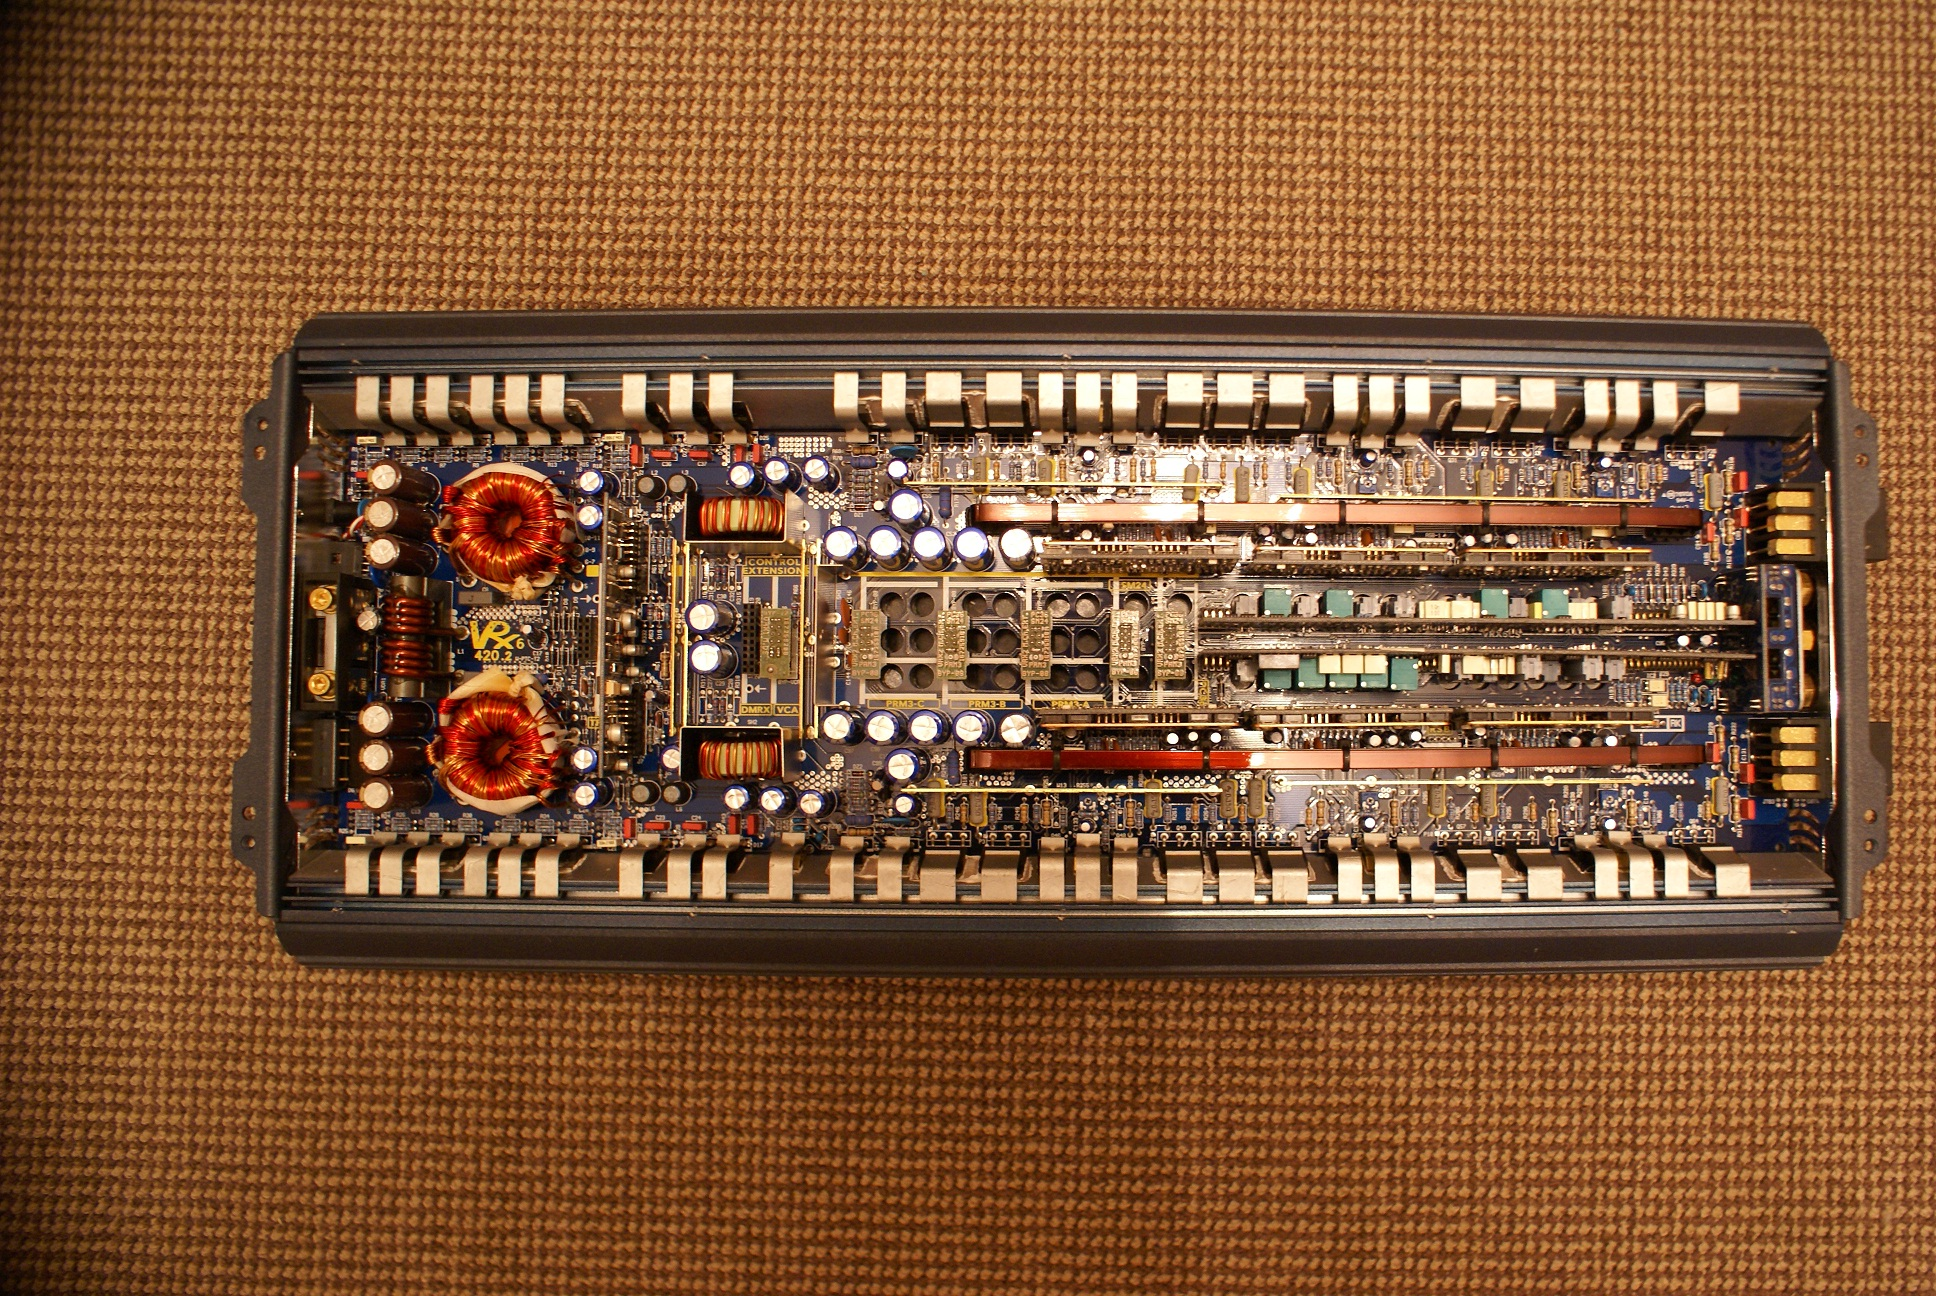 Усилитель Audison VRx 6.420 - 009